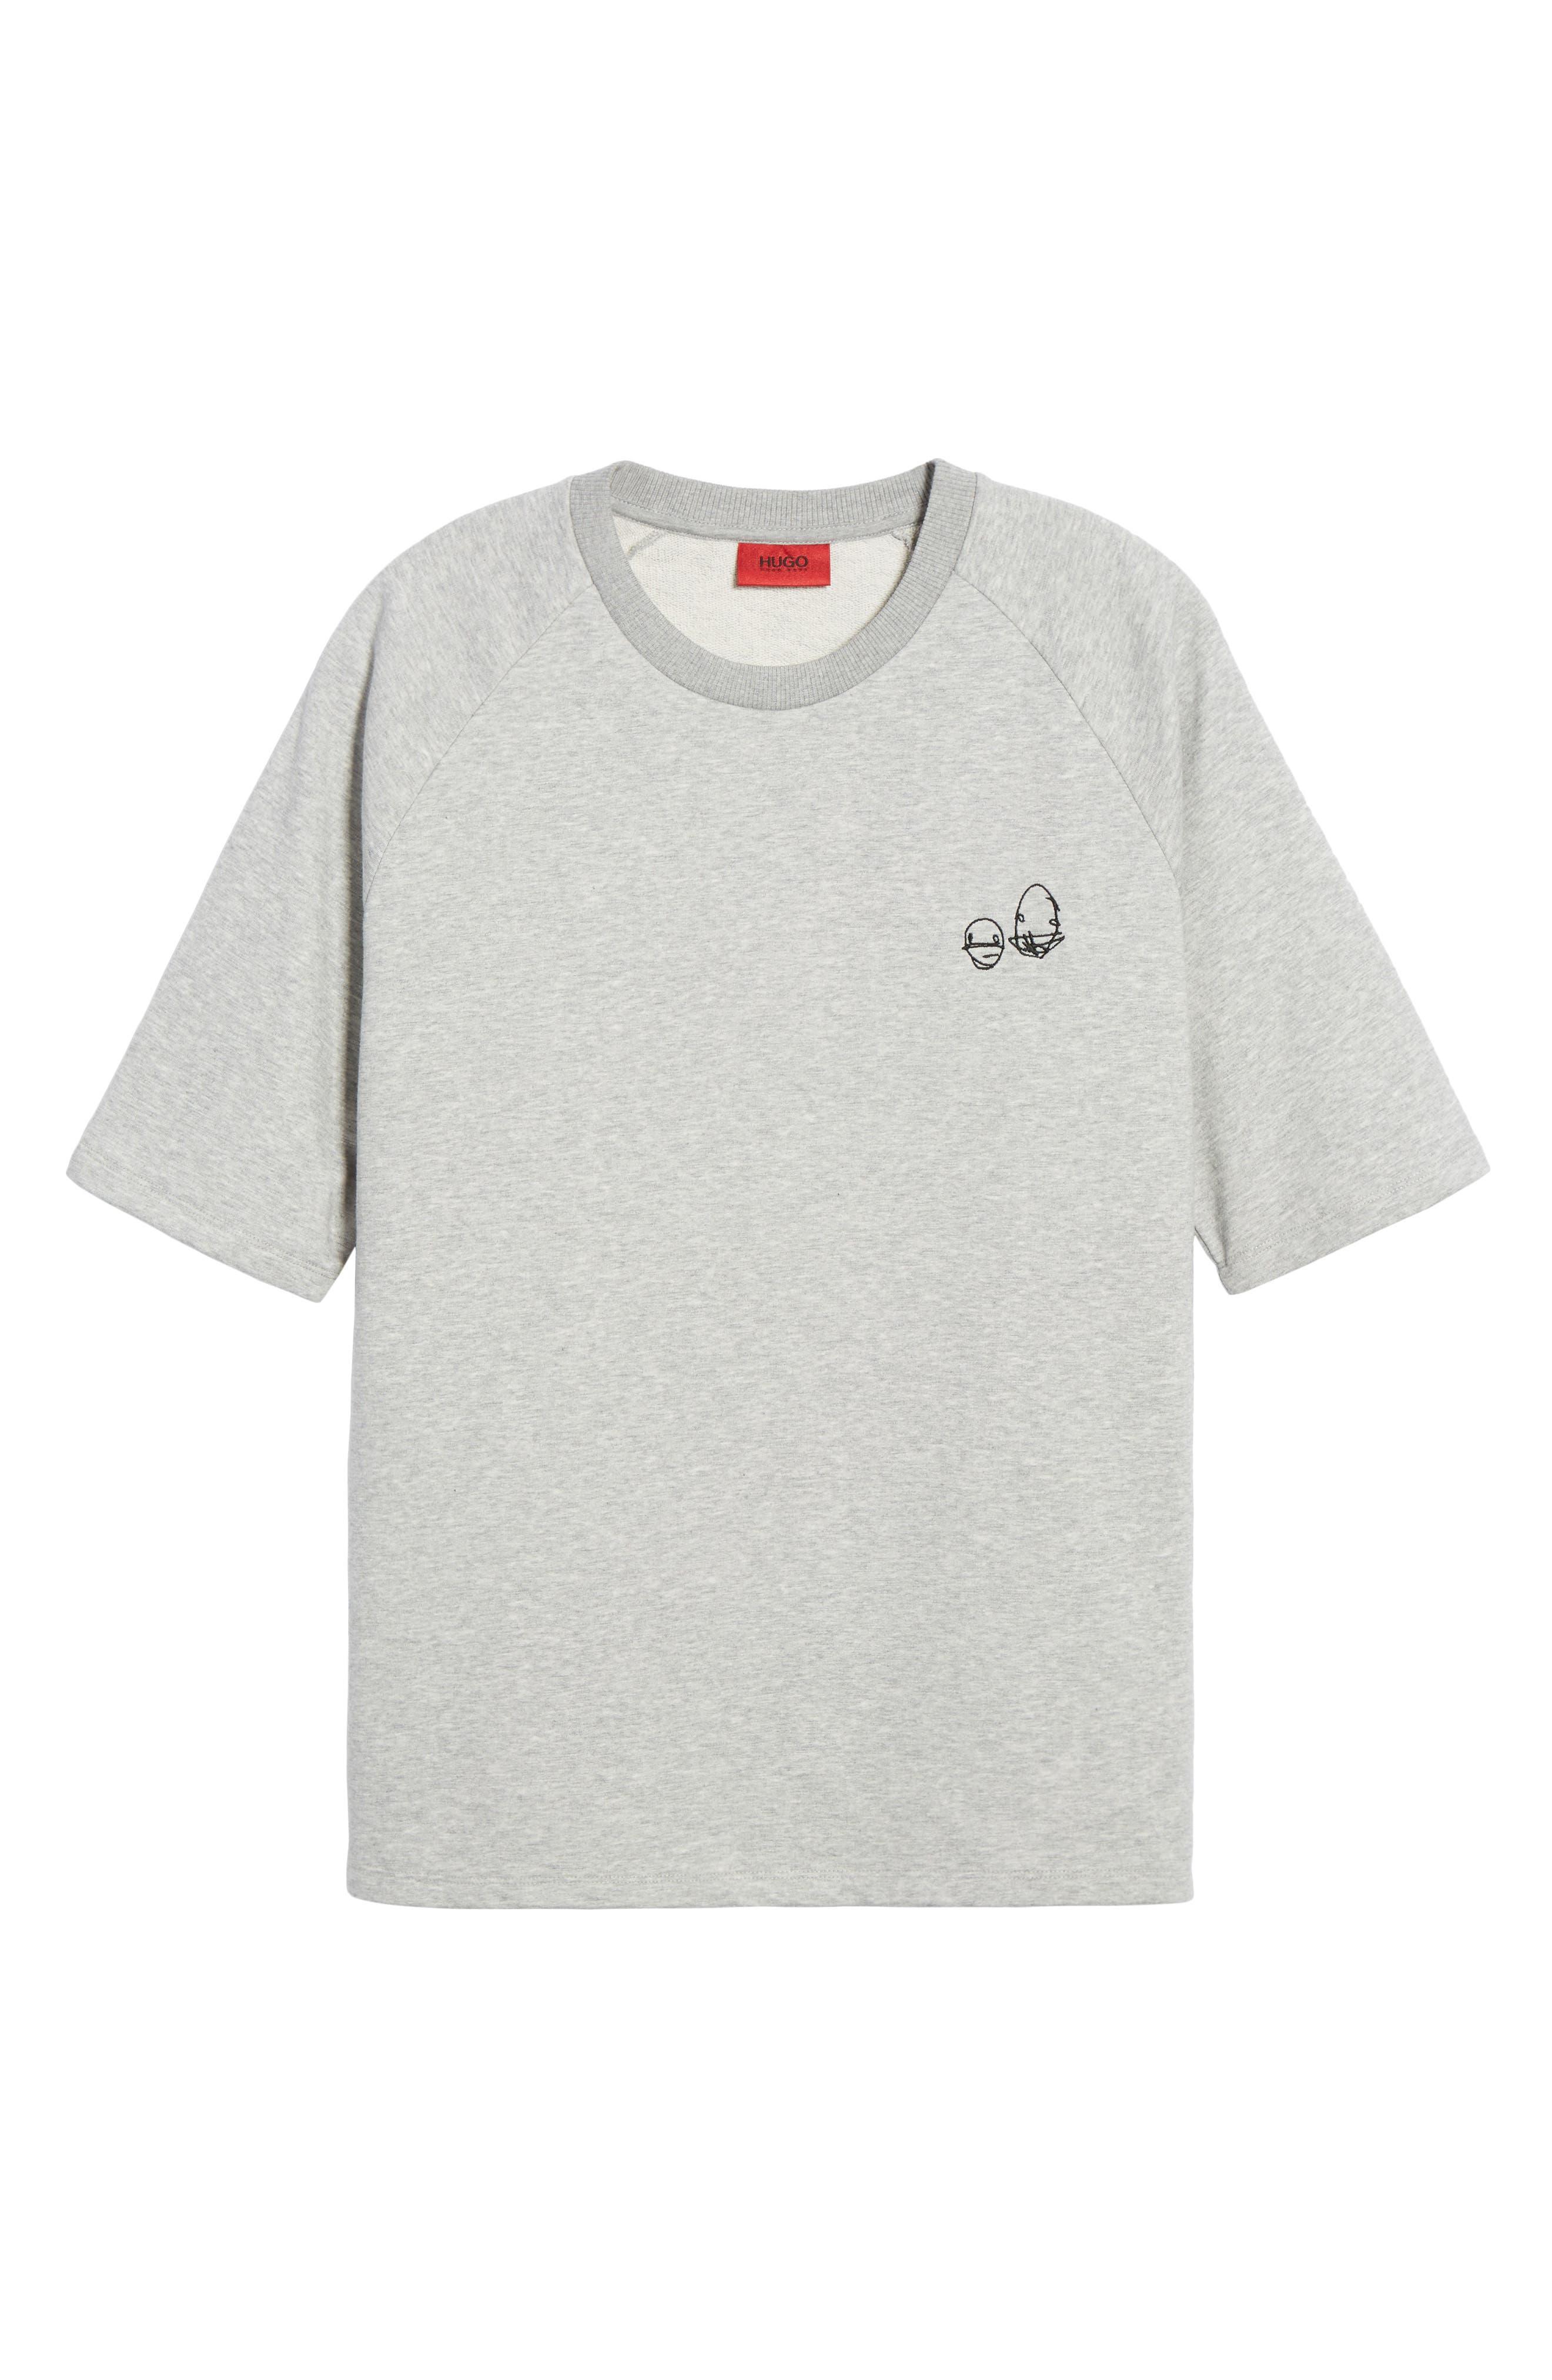 Deast Doodle Sweatshirt,                             Alternate thumbnail 6, color,